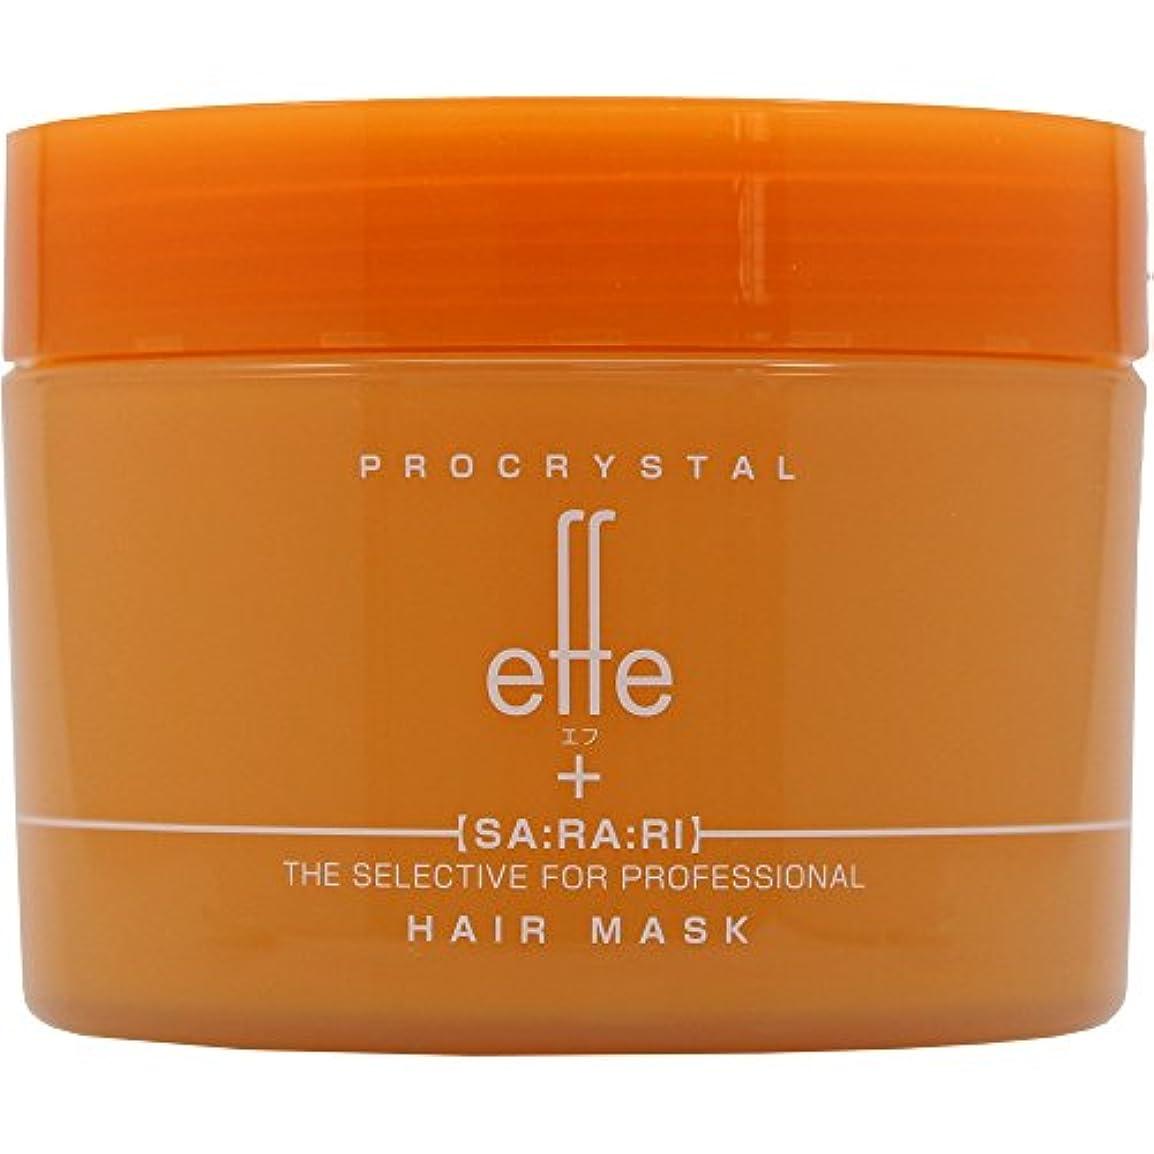 ガイドラインしょっぱい導体アペティート化粧品 プロクリスタル effe (エフ) ヘアマスク さらり200g